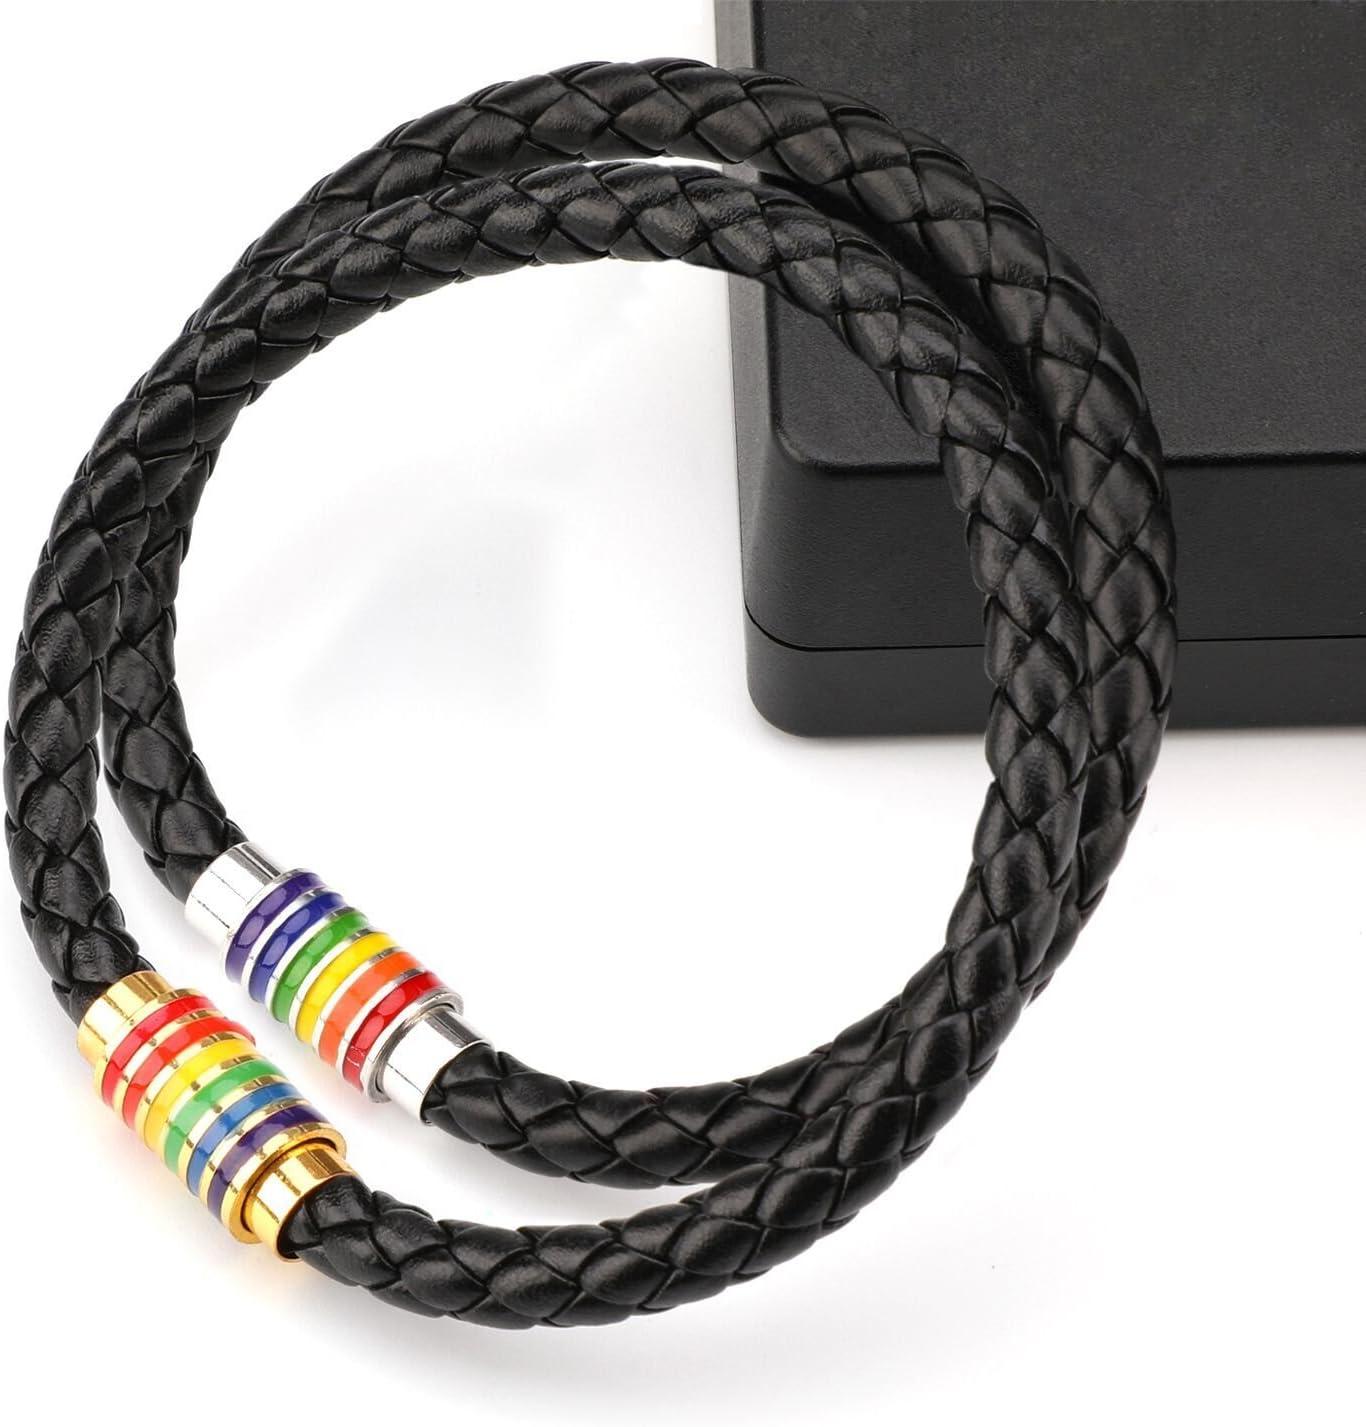 PHOGARY Bracelet De Fiert/é Gay LGBT Arc-en-Bracelet 2 Packs Couple Bracelet en Cuir Noir Hommes Bracelet De Femmes avec Arc-en-Ciel Ray/é en Acier Inoxydable Fermoir Magn/étique 22cm